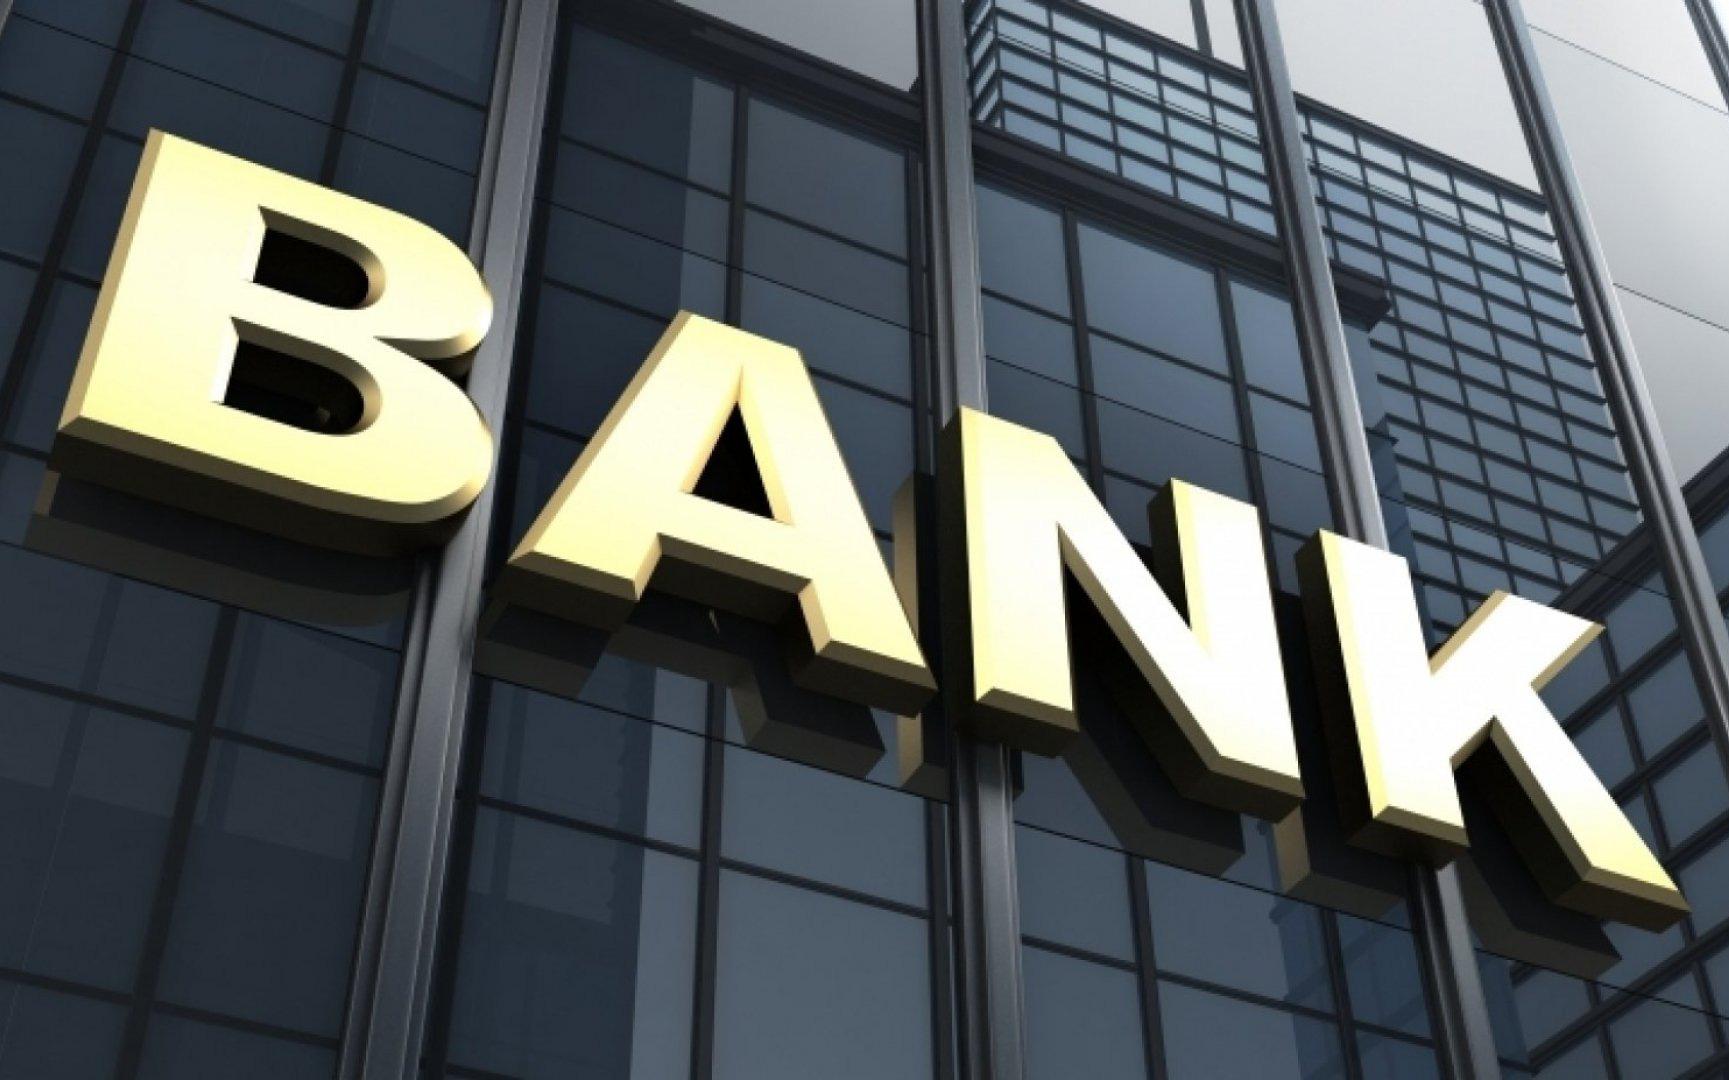 """VNDIRECT: """"Nợ xấu là mối quan ngại lớn, giá cổ phiếu ngân hàng đã hồi phục về mức hợp lý"""""""